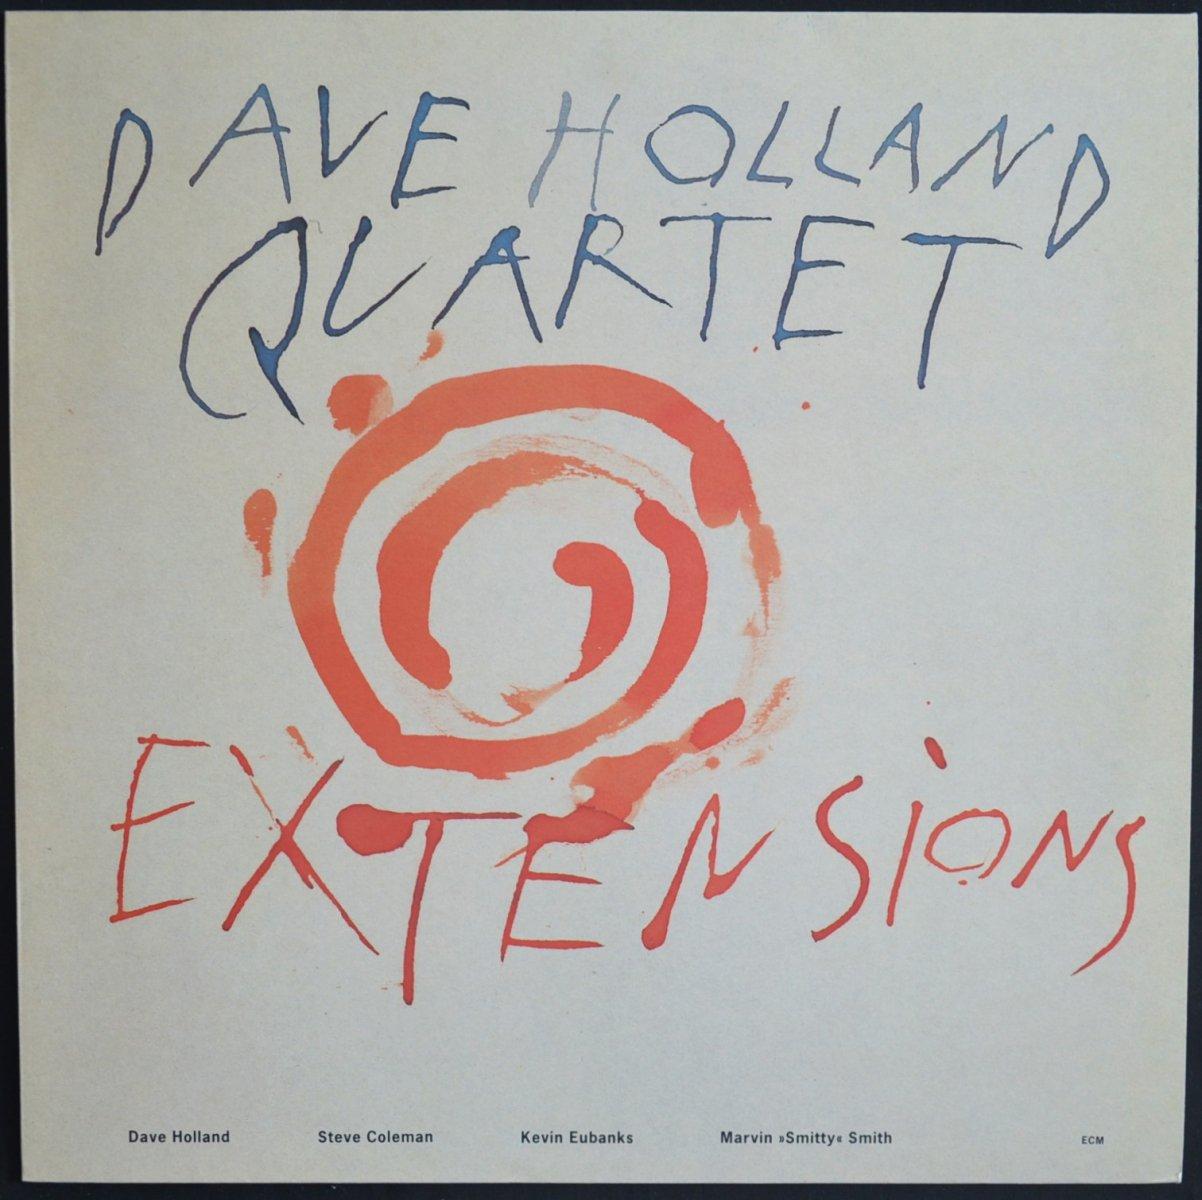 DAVE HOLLAND QUARTET / EXTENSIONS (LP)